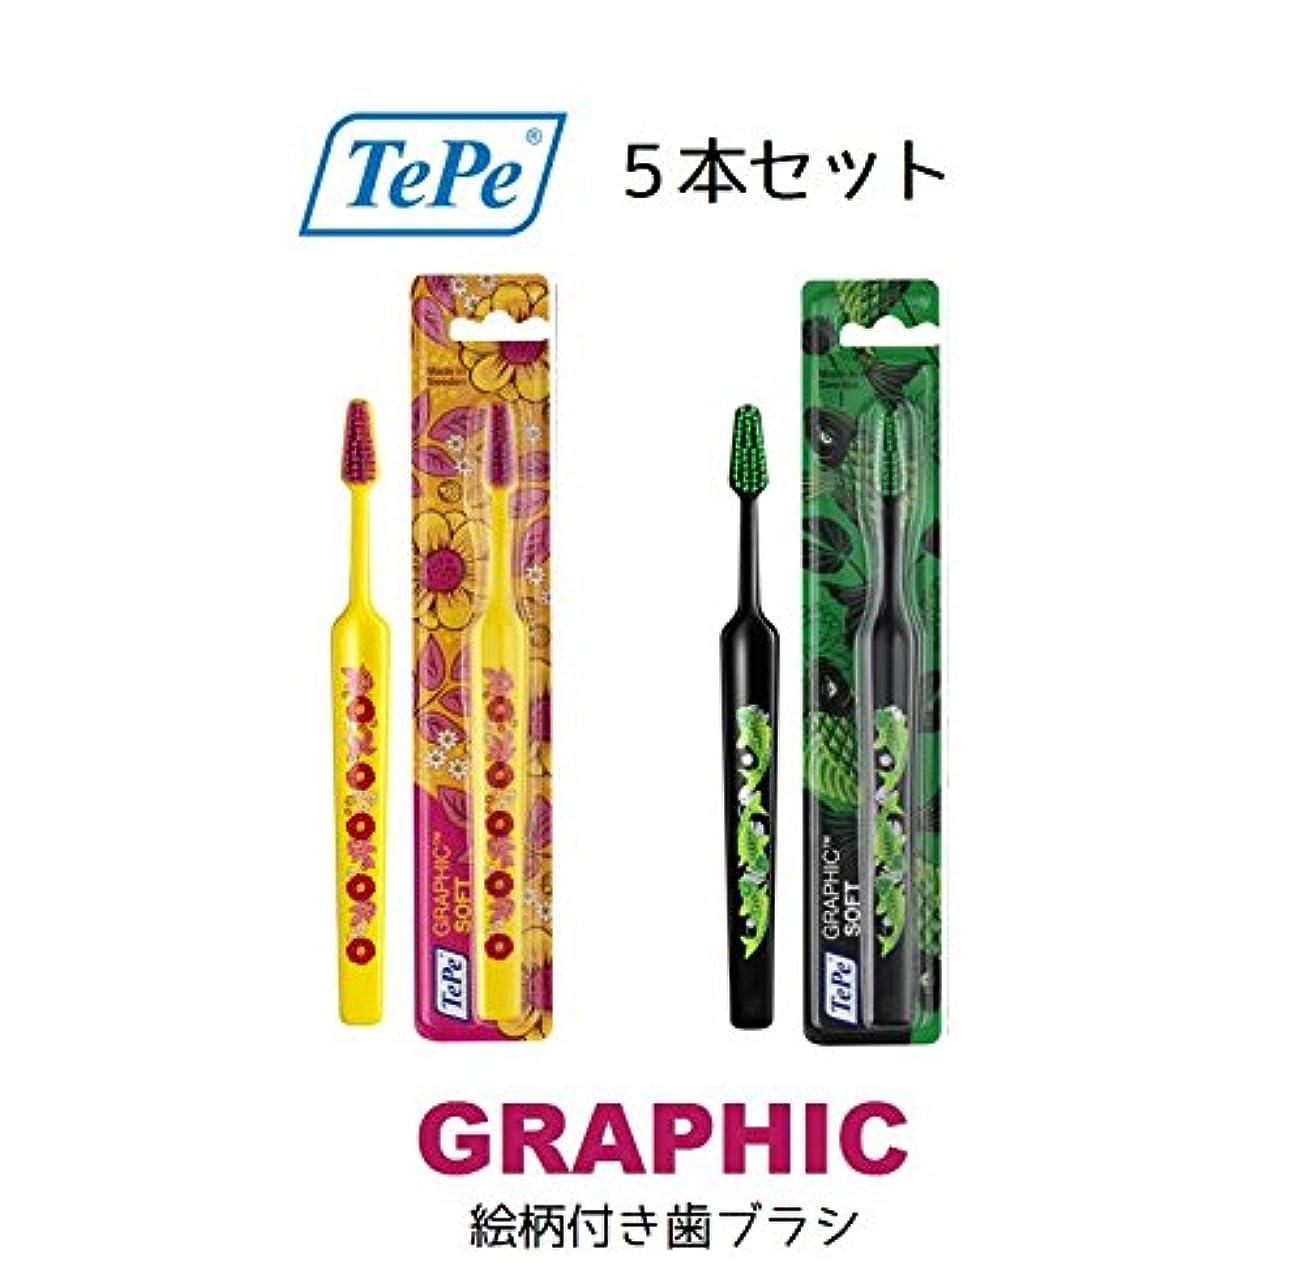 くしゃみ寛容導体テペ グラフィック ソフト 5本セット TePe Graphic soft (イエロー?ピンク)